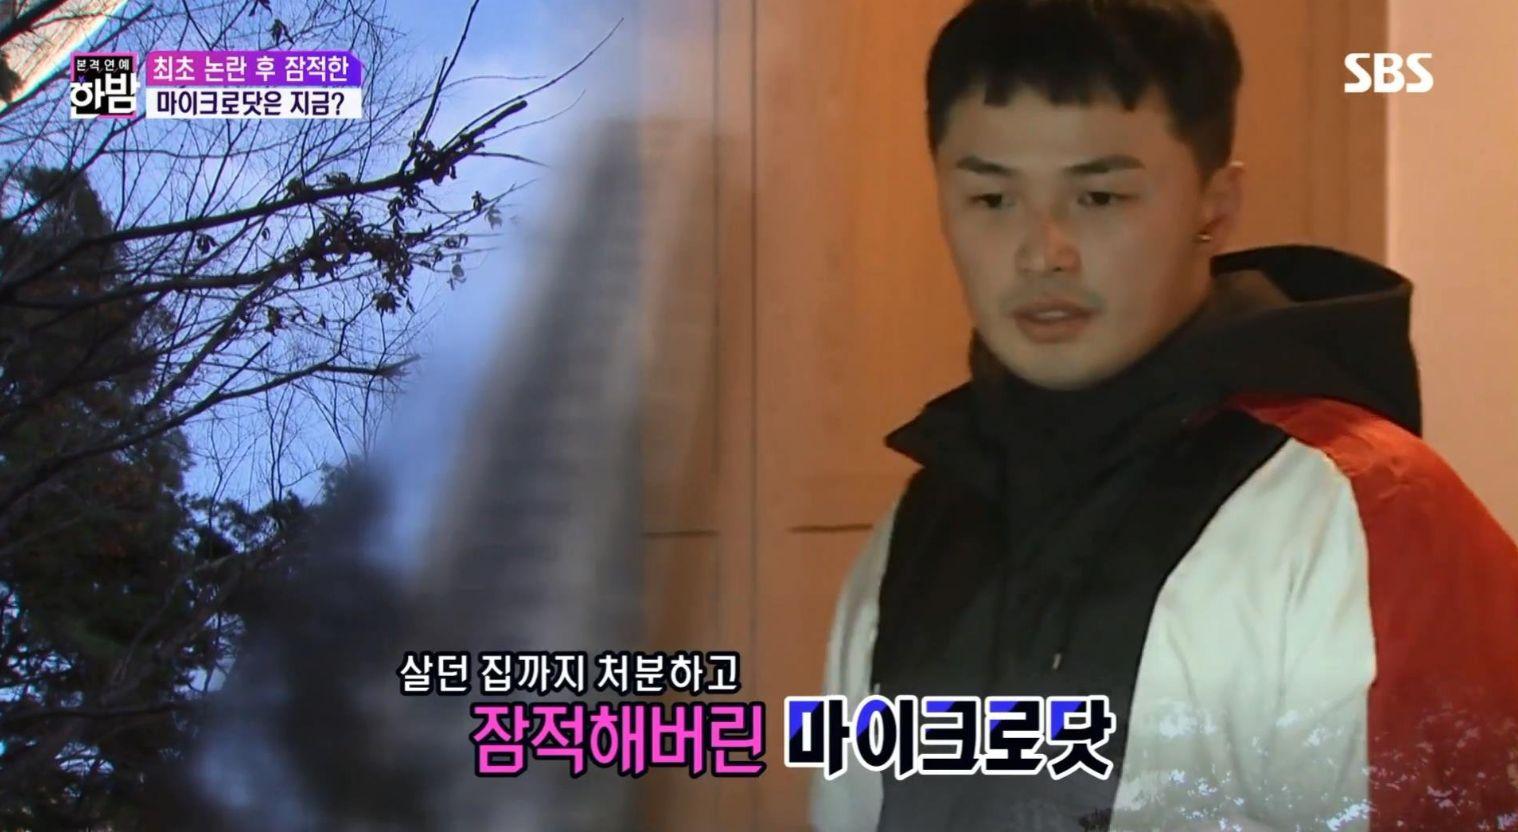 [3줄뉴스]마이크로닷이 혼자 살던 서울 집을